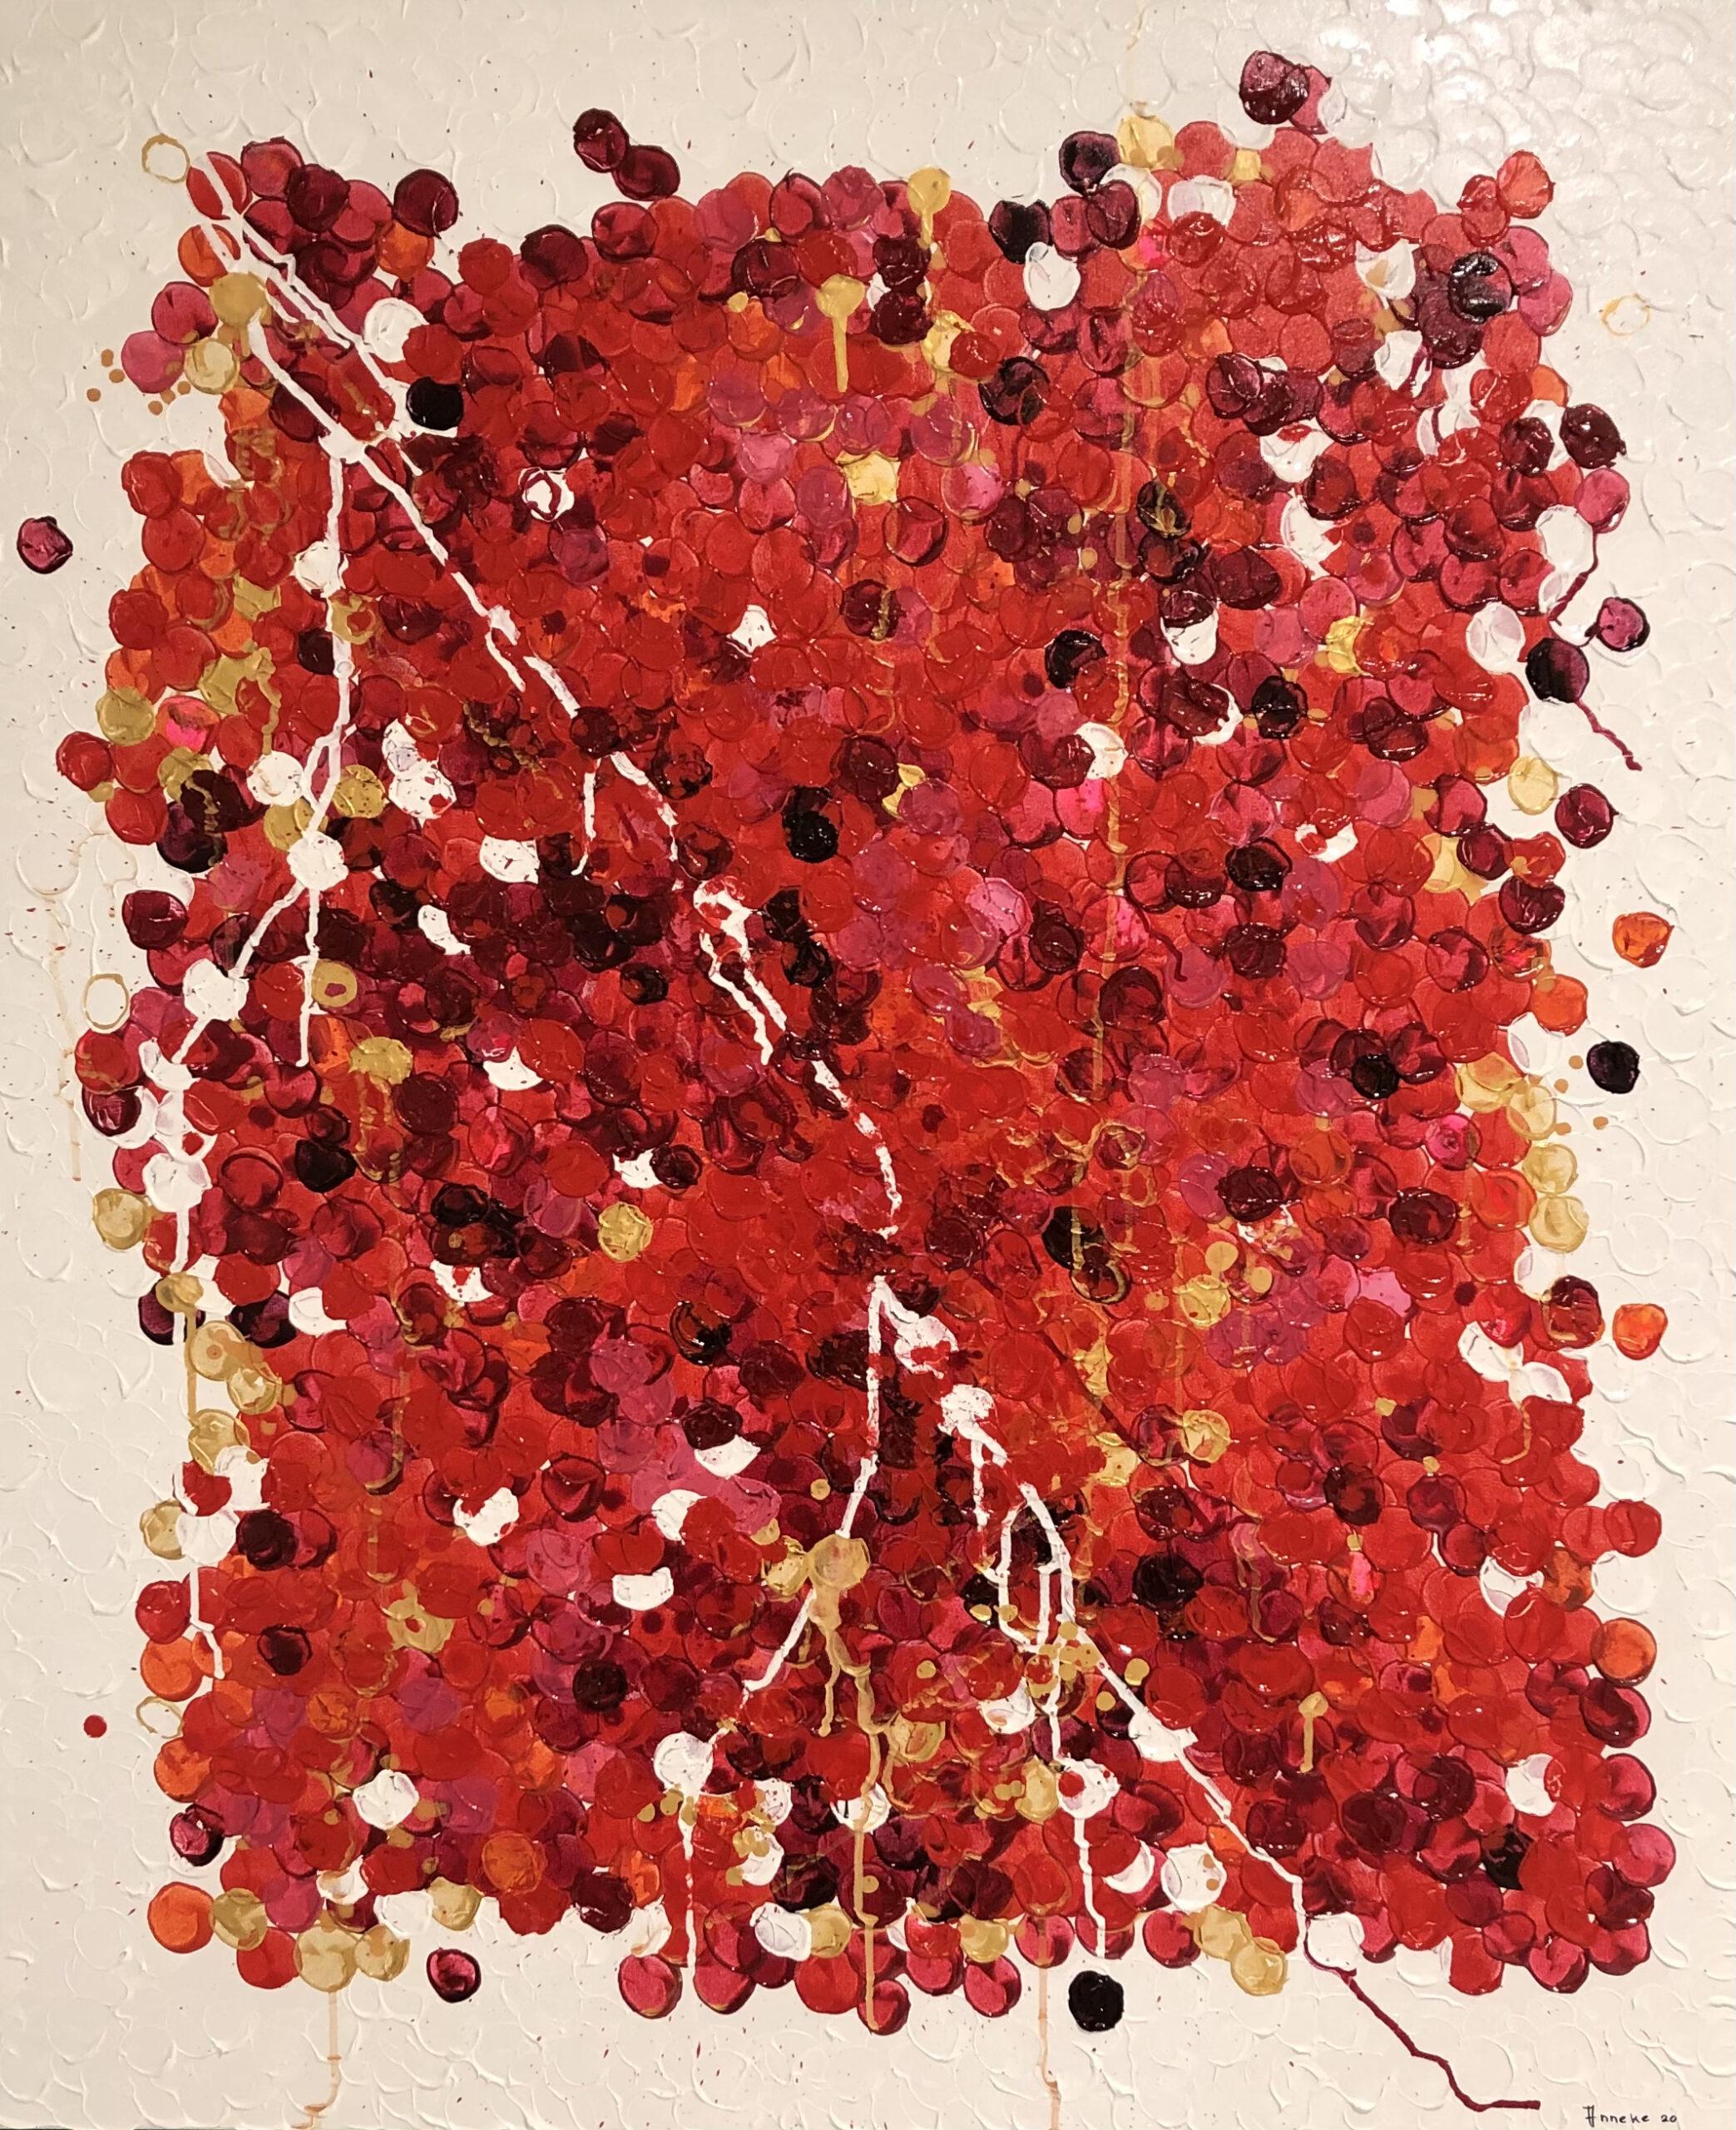 Schilderij Noppen van Anneke Swanink